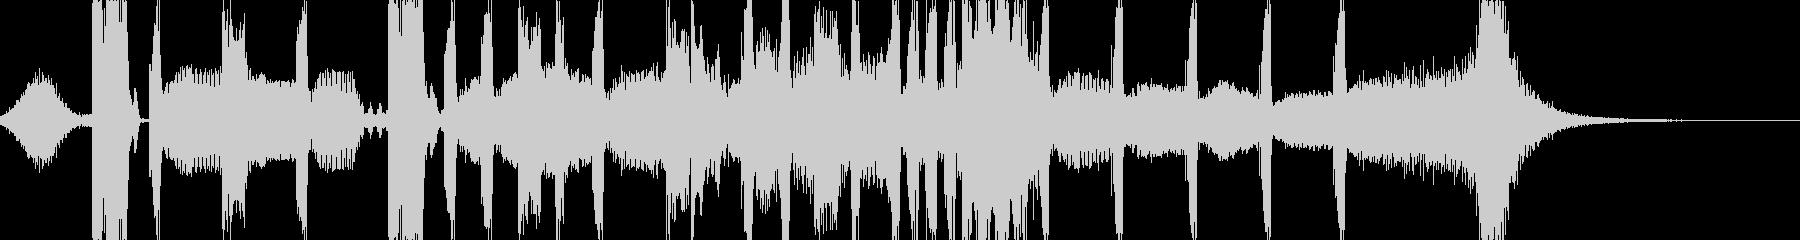 モンスターや敵キャラ登場シーン系BGMの未再生の波形